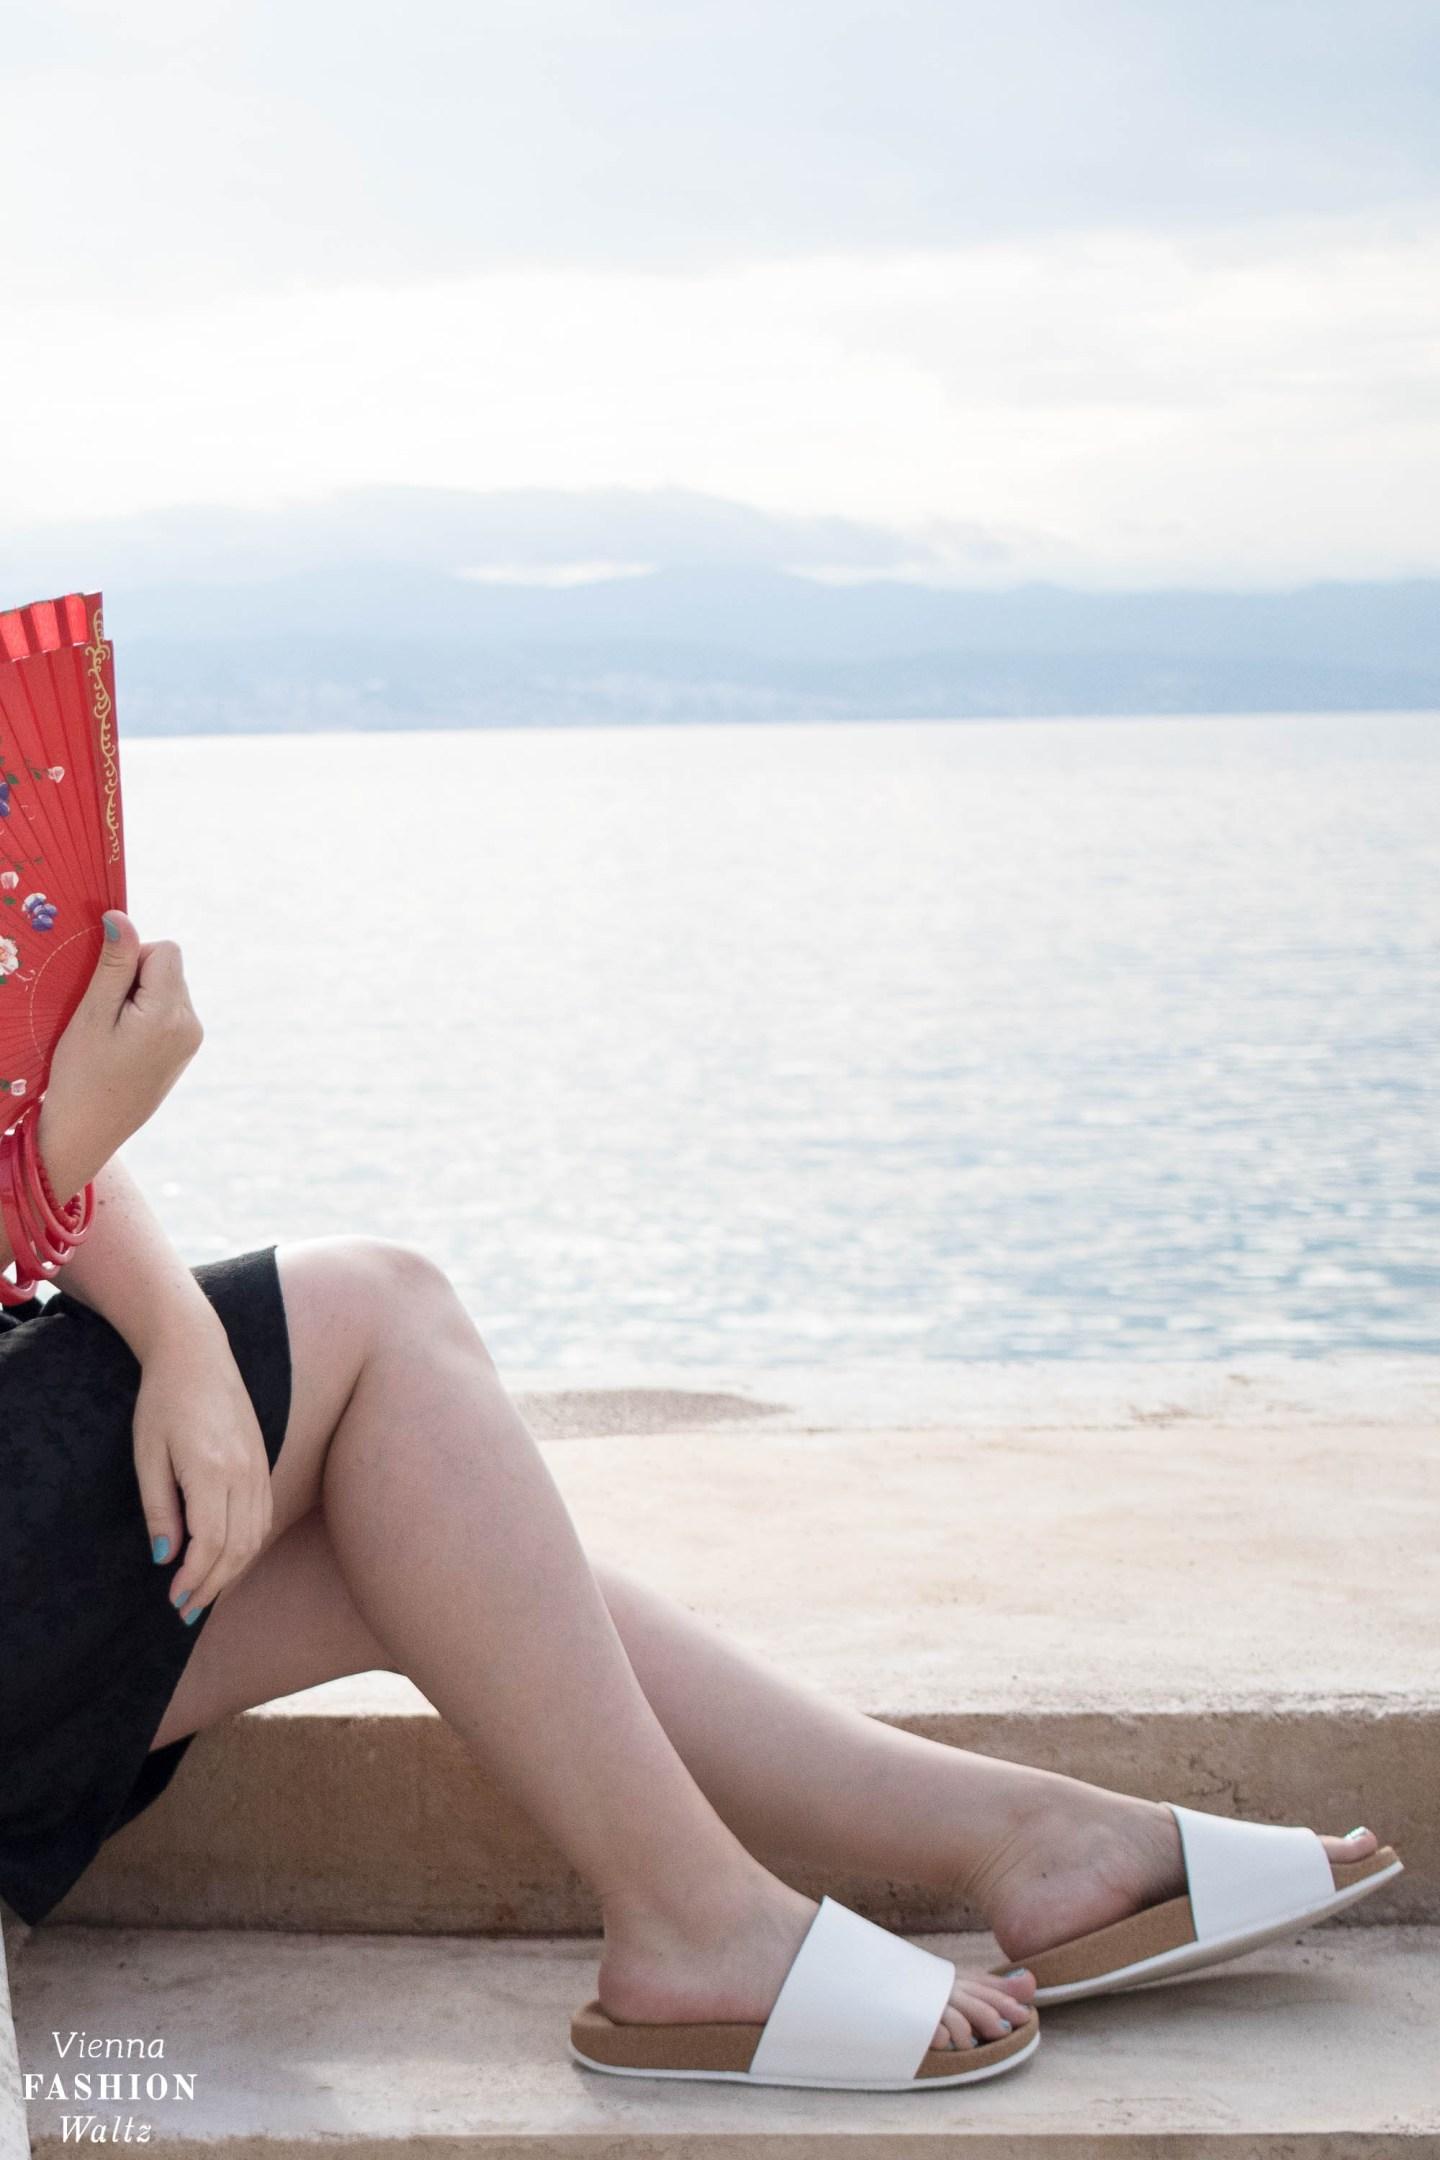 Die perfekte Pantolette für den Sommer: Deichmann, Sommeroutfit mit Strohhut, gesmoktem Tubetop von H&M, Fashion, Style, Mode, Trends, Tipps